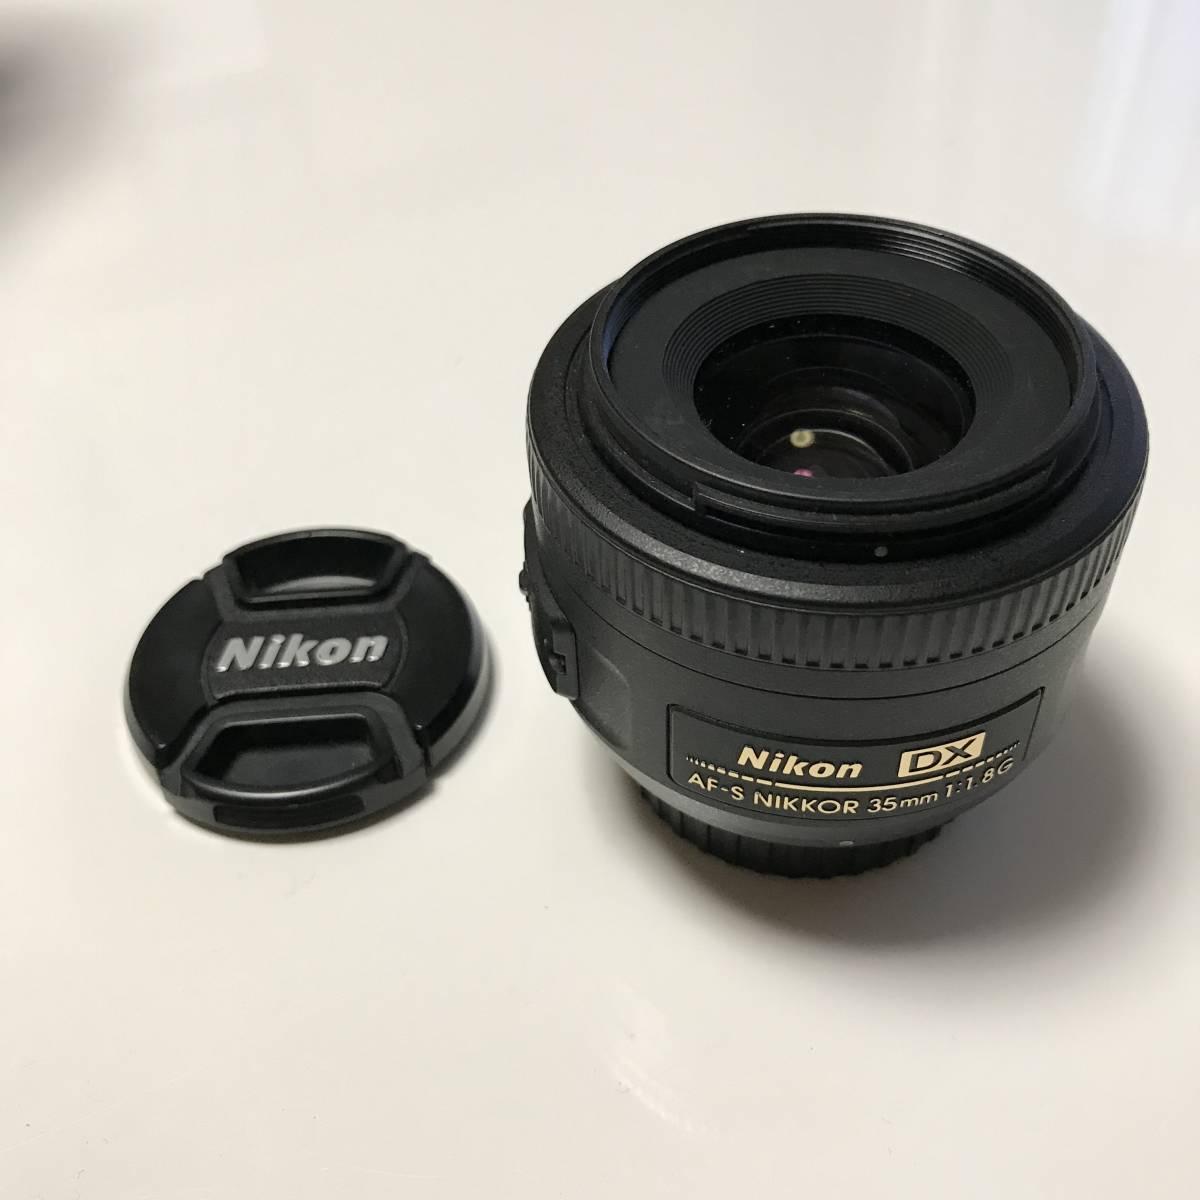 ニコン★35mm f/1.8 DX★Nikon 単焦点_画像2